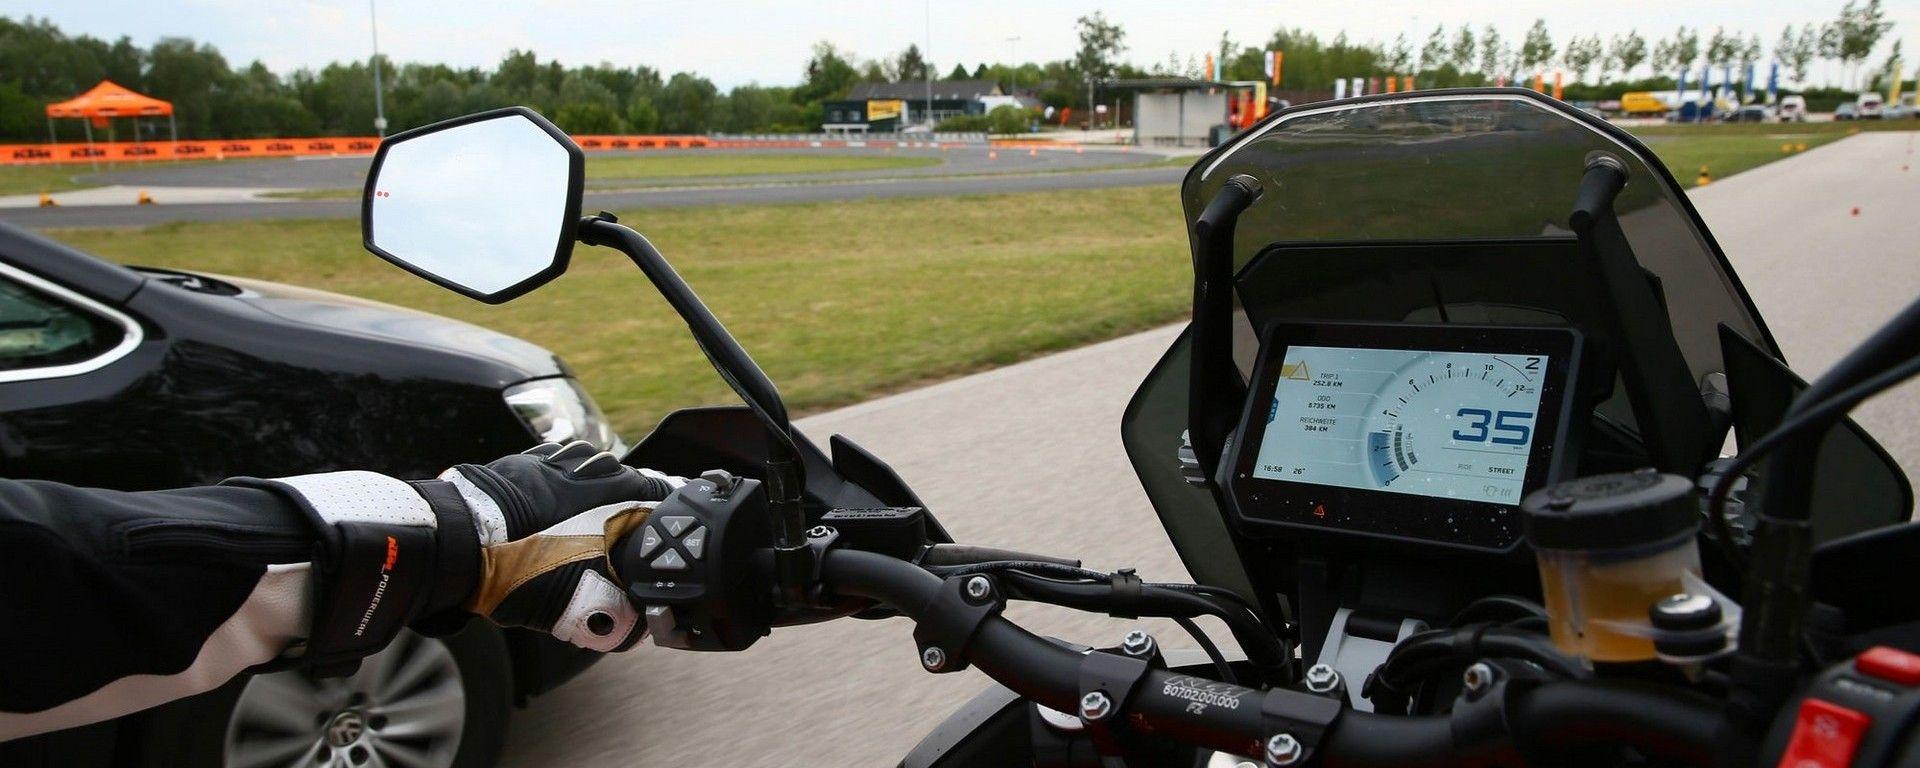 KTM: in arrivo gli ADAS anche sulle moto